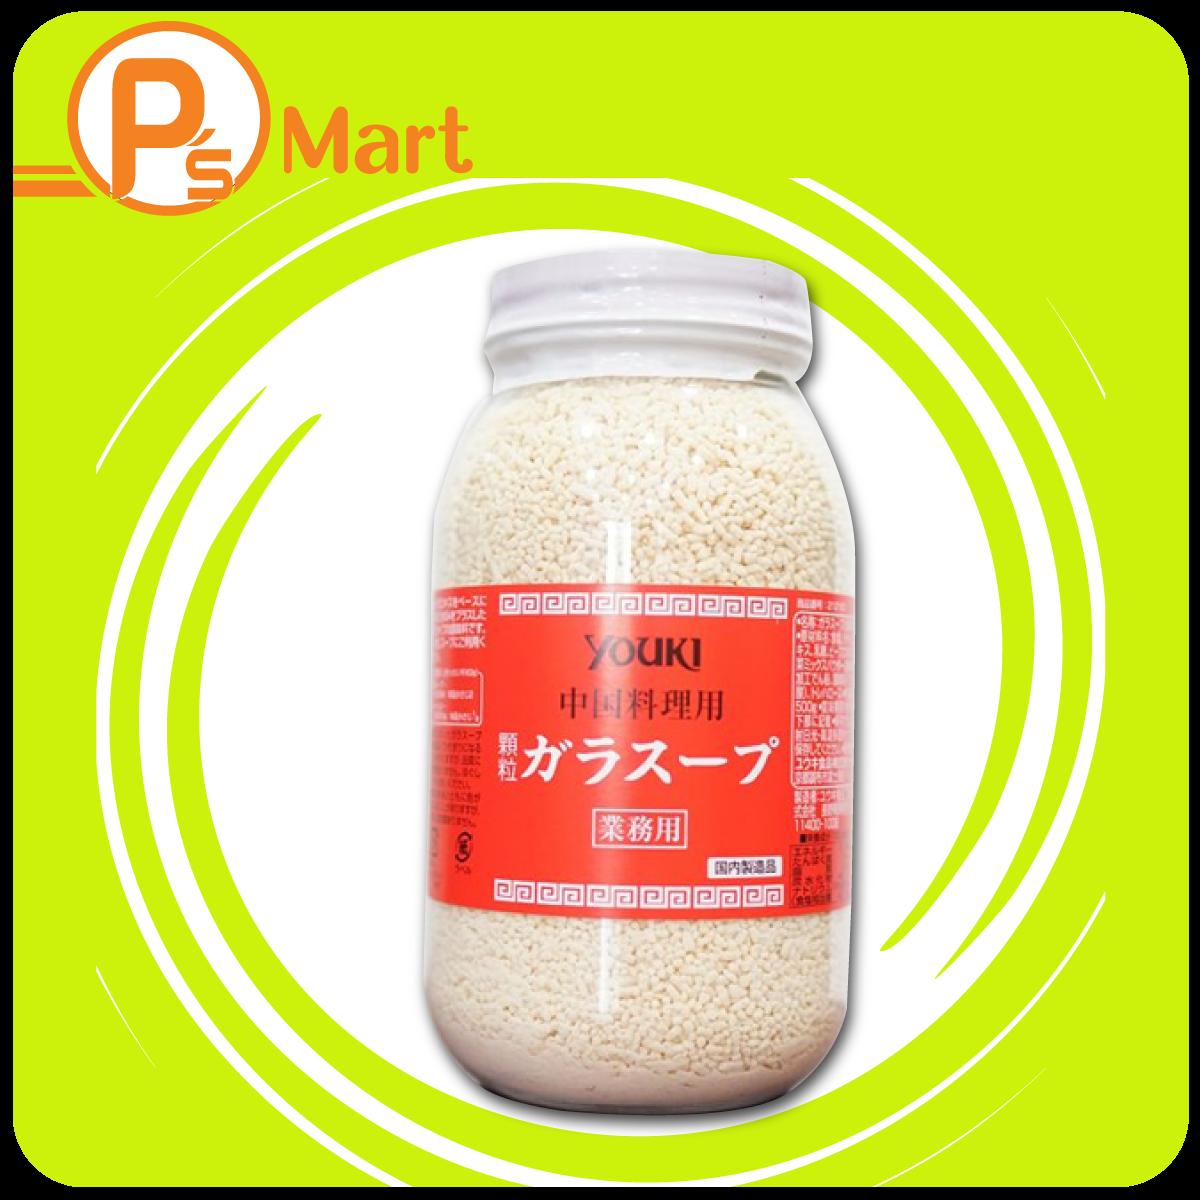 Hạt nêm Youki 500g Nhật Bản